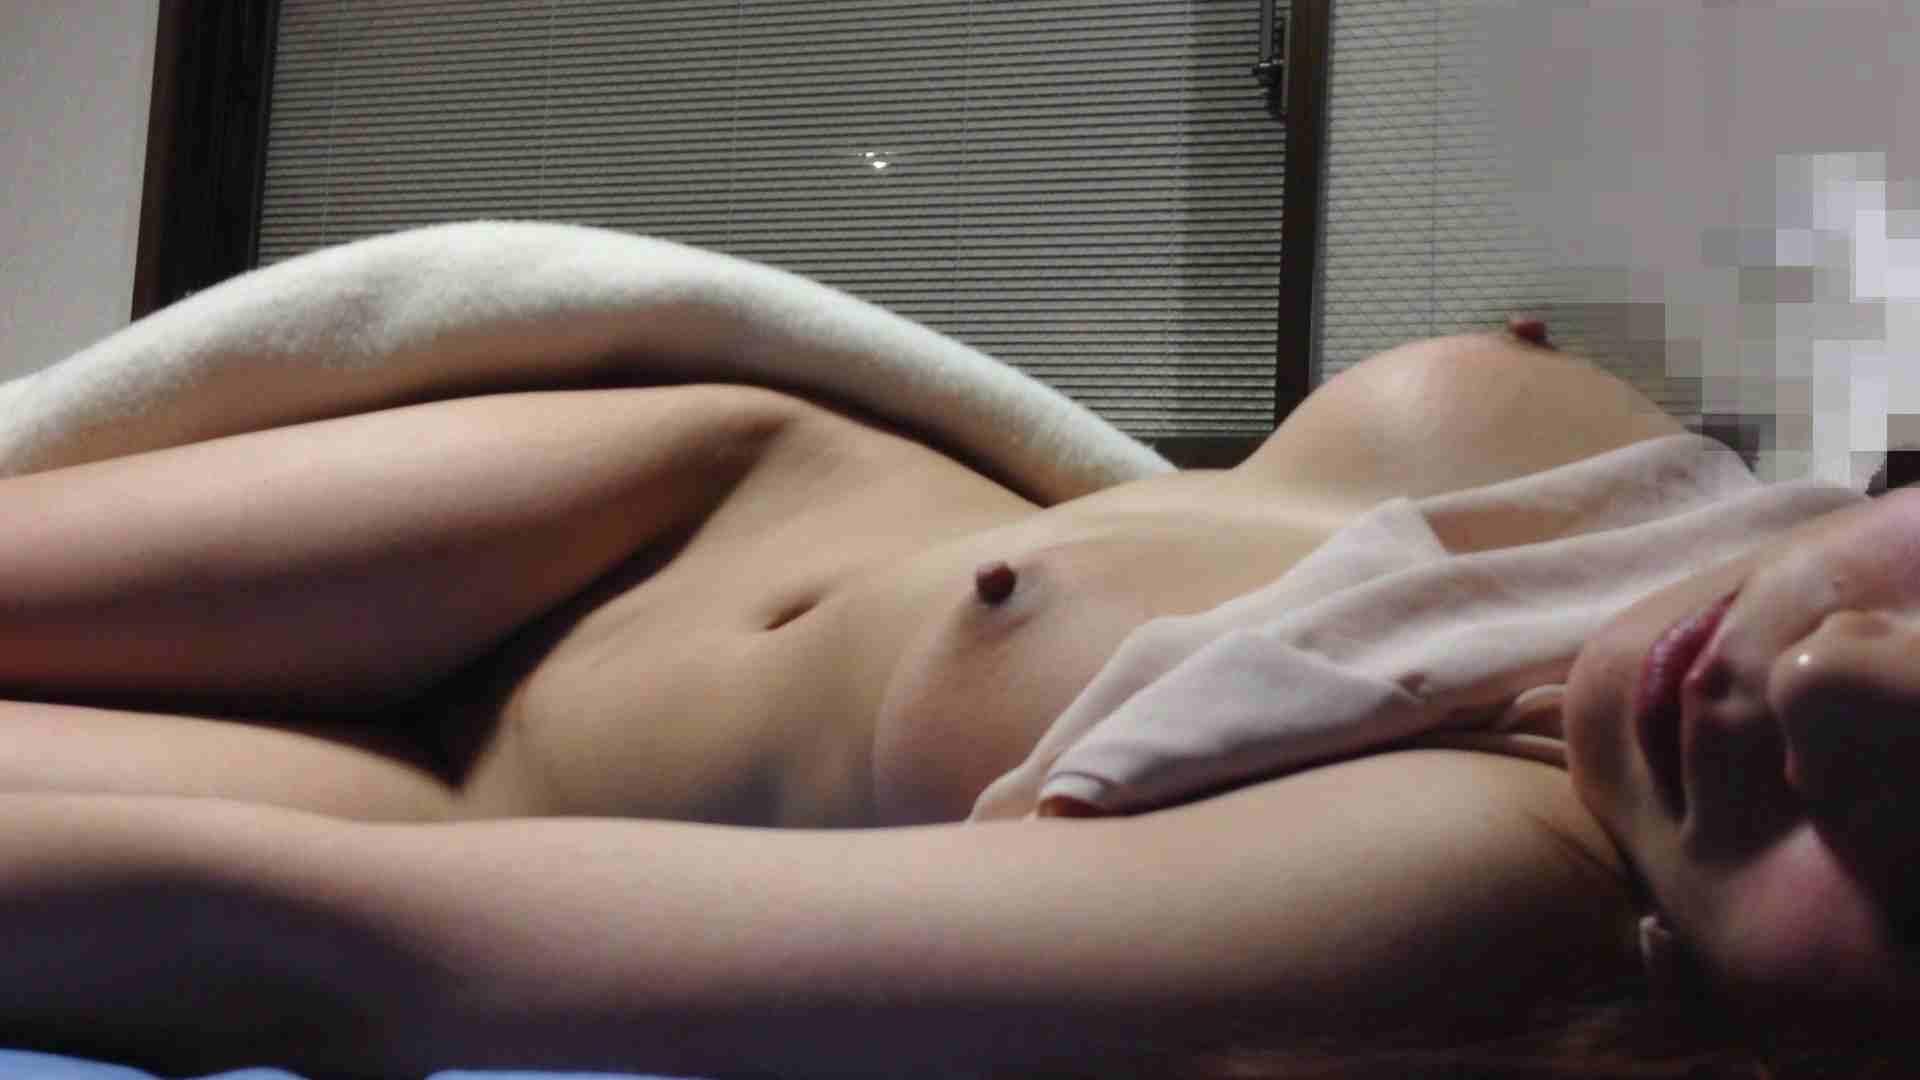 Vol.01 長身スタイル抜群のSSS美女を・・・。 前編 美女エロ画像 盗み撮り動画キャプチャ 92PICs 78